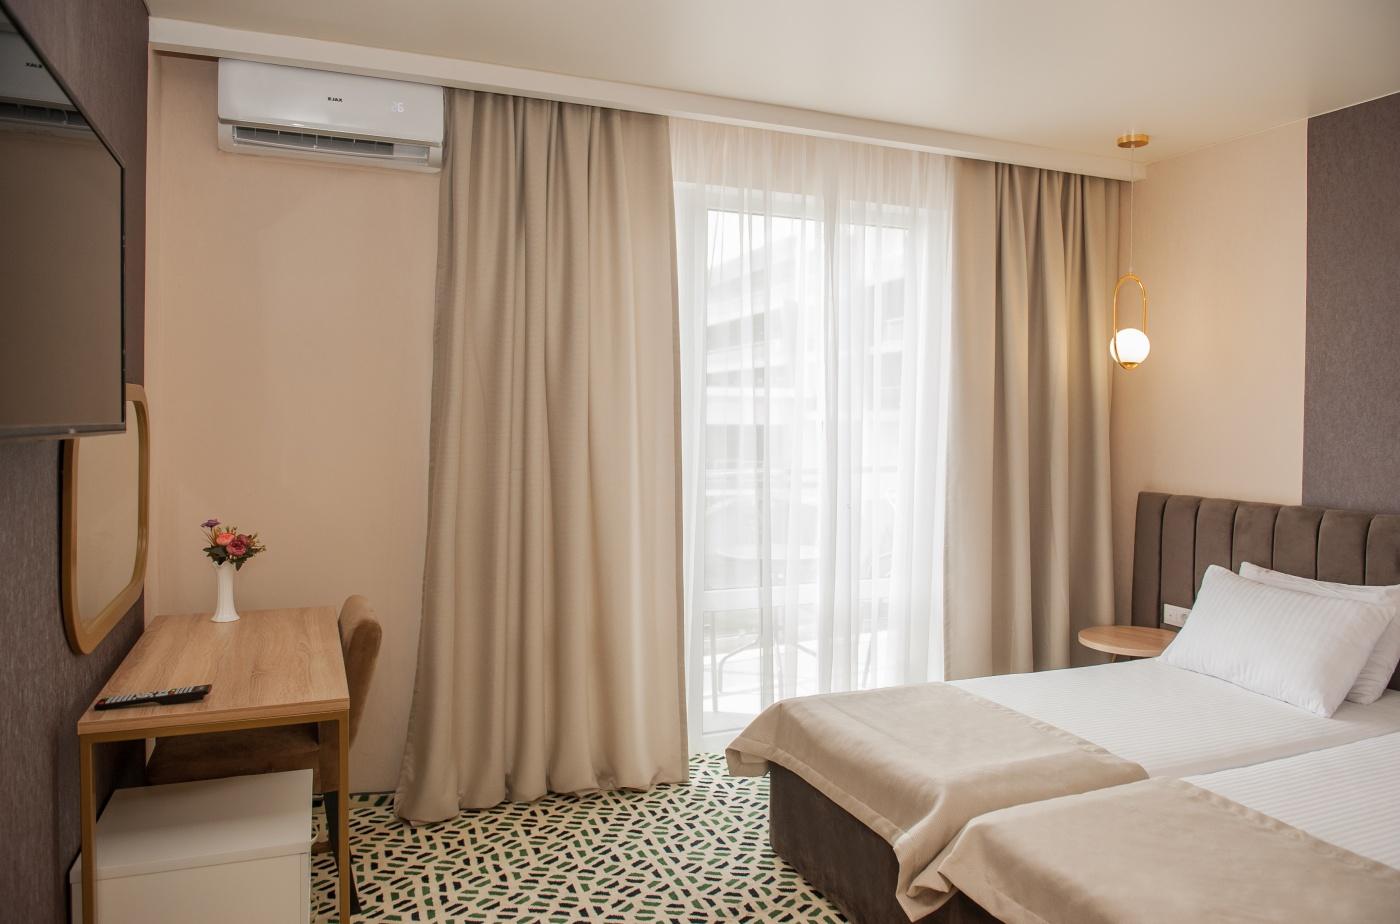 Отель «Aurum Family Resort & Spa» Краснодарский край Apartments 2-местный 3-комнатный, фото 7